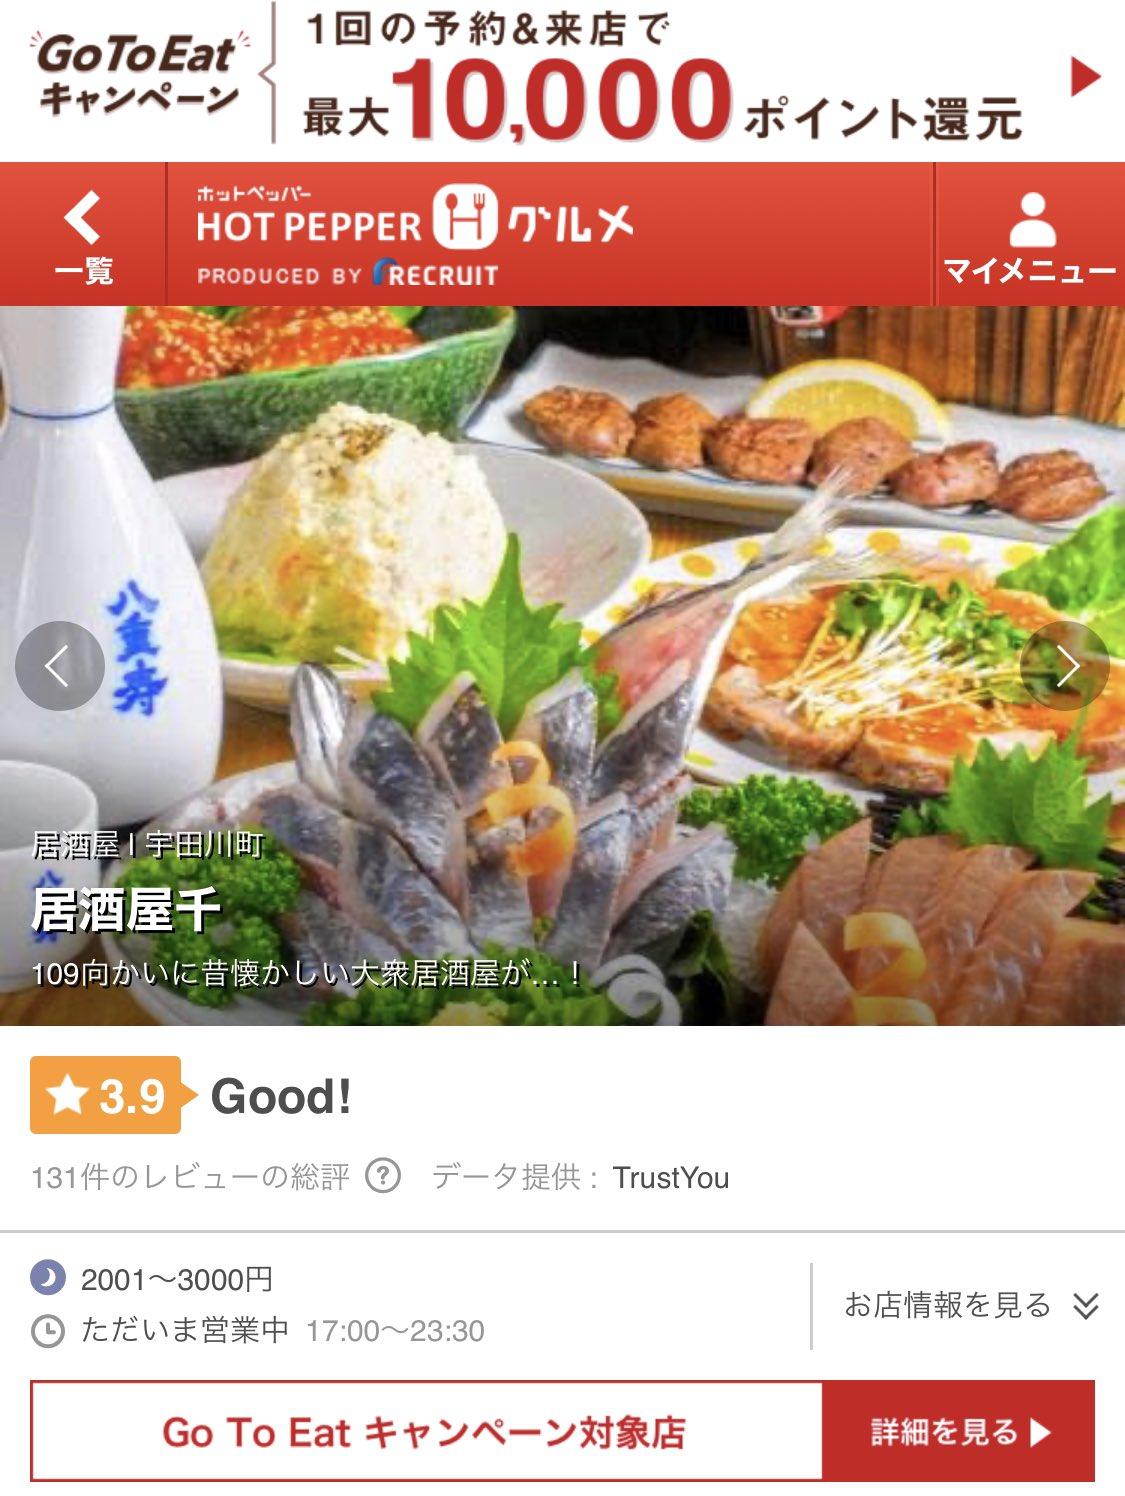 キャンペーン ホットペッパー go to eat